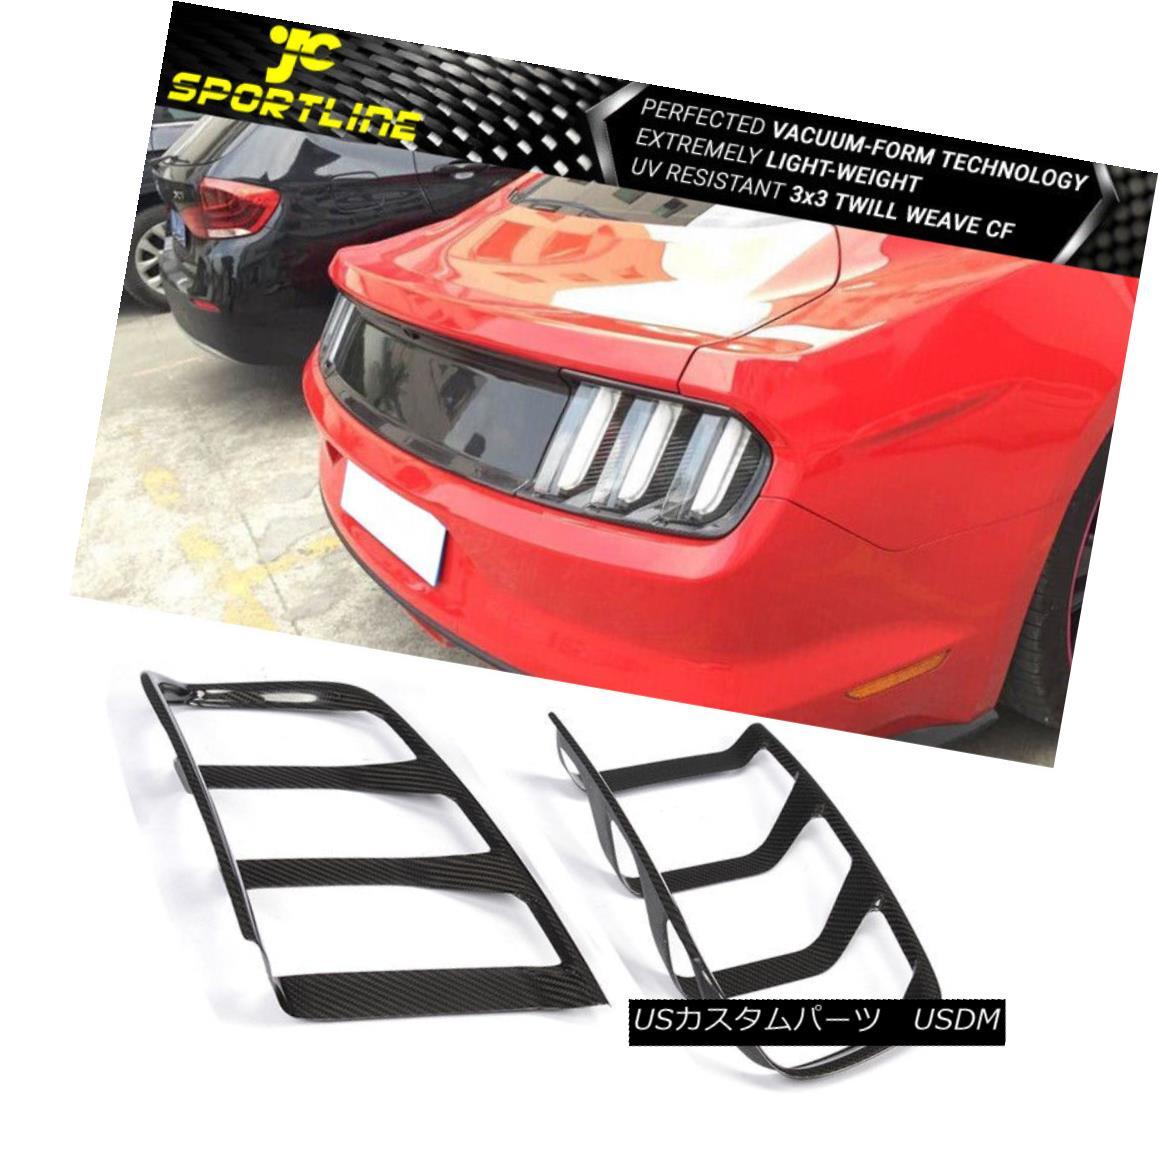 エアロパーツ Fits 15-17 Ford Mustang Tail Light Lamp Cover Overlay Trim Carbon Fiber フィット15-17フォードマスタングテールライトランプカバーオーバーレイトリム炭素繊維